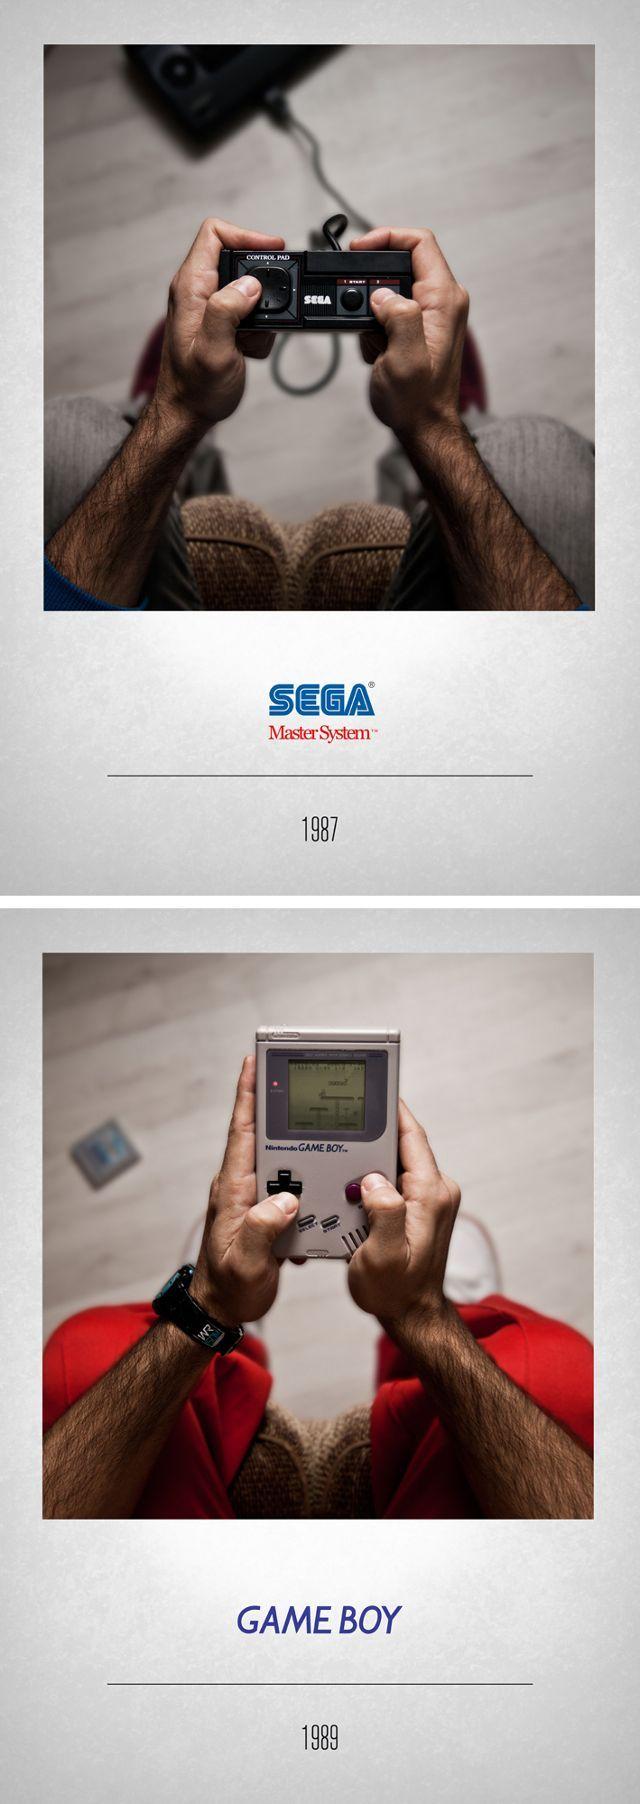 artsite-jeux-video-histoire-manettes-photographie-5 Un photographe retrace 30 ans de consoles de jeux à travers 22 manettes intemporelles